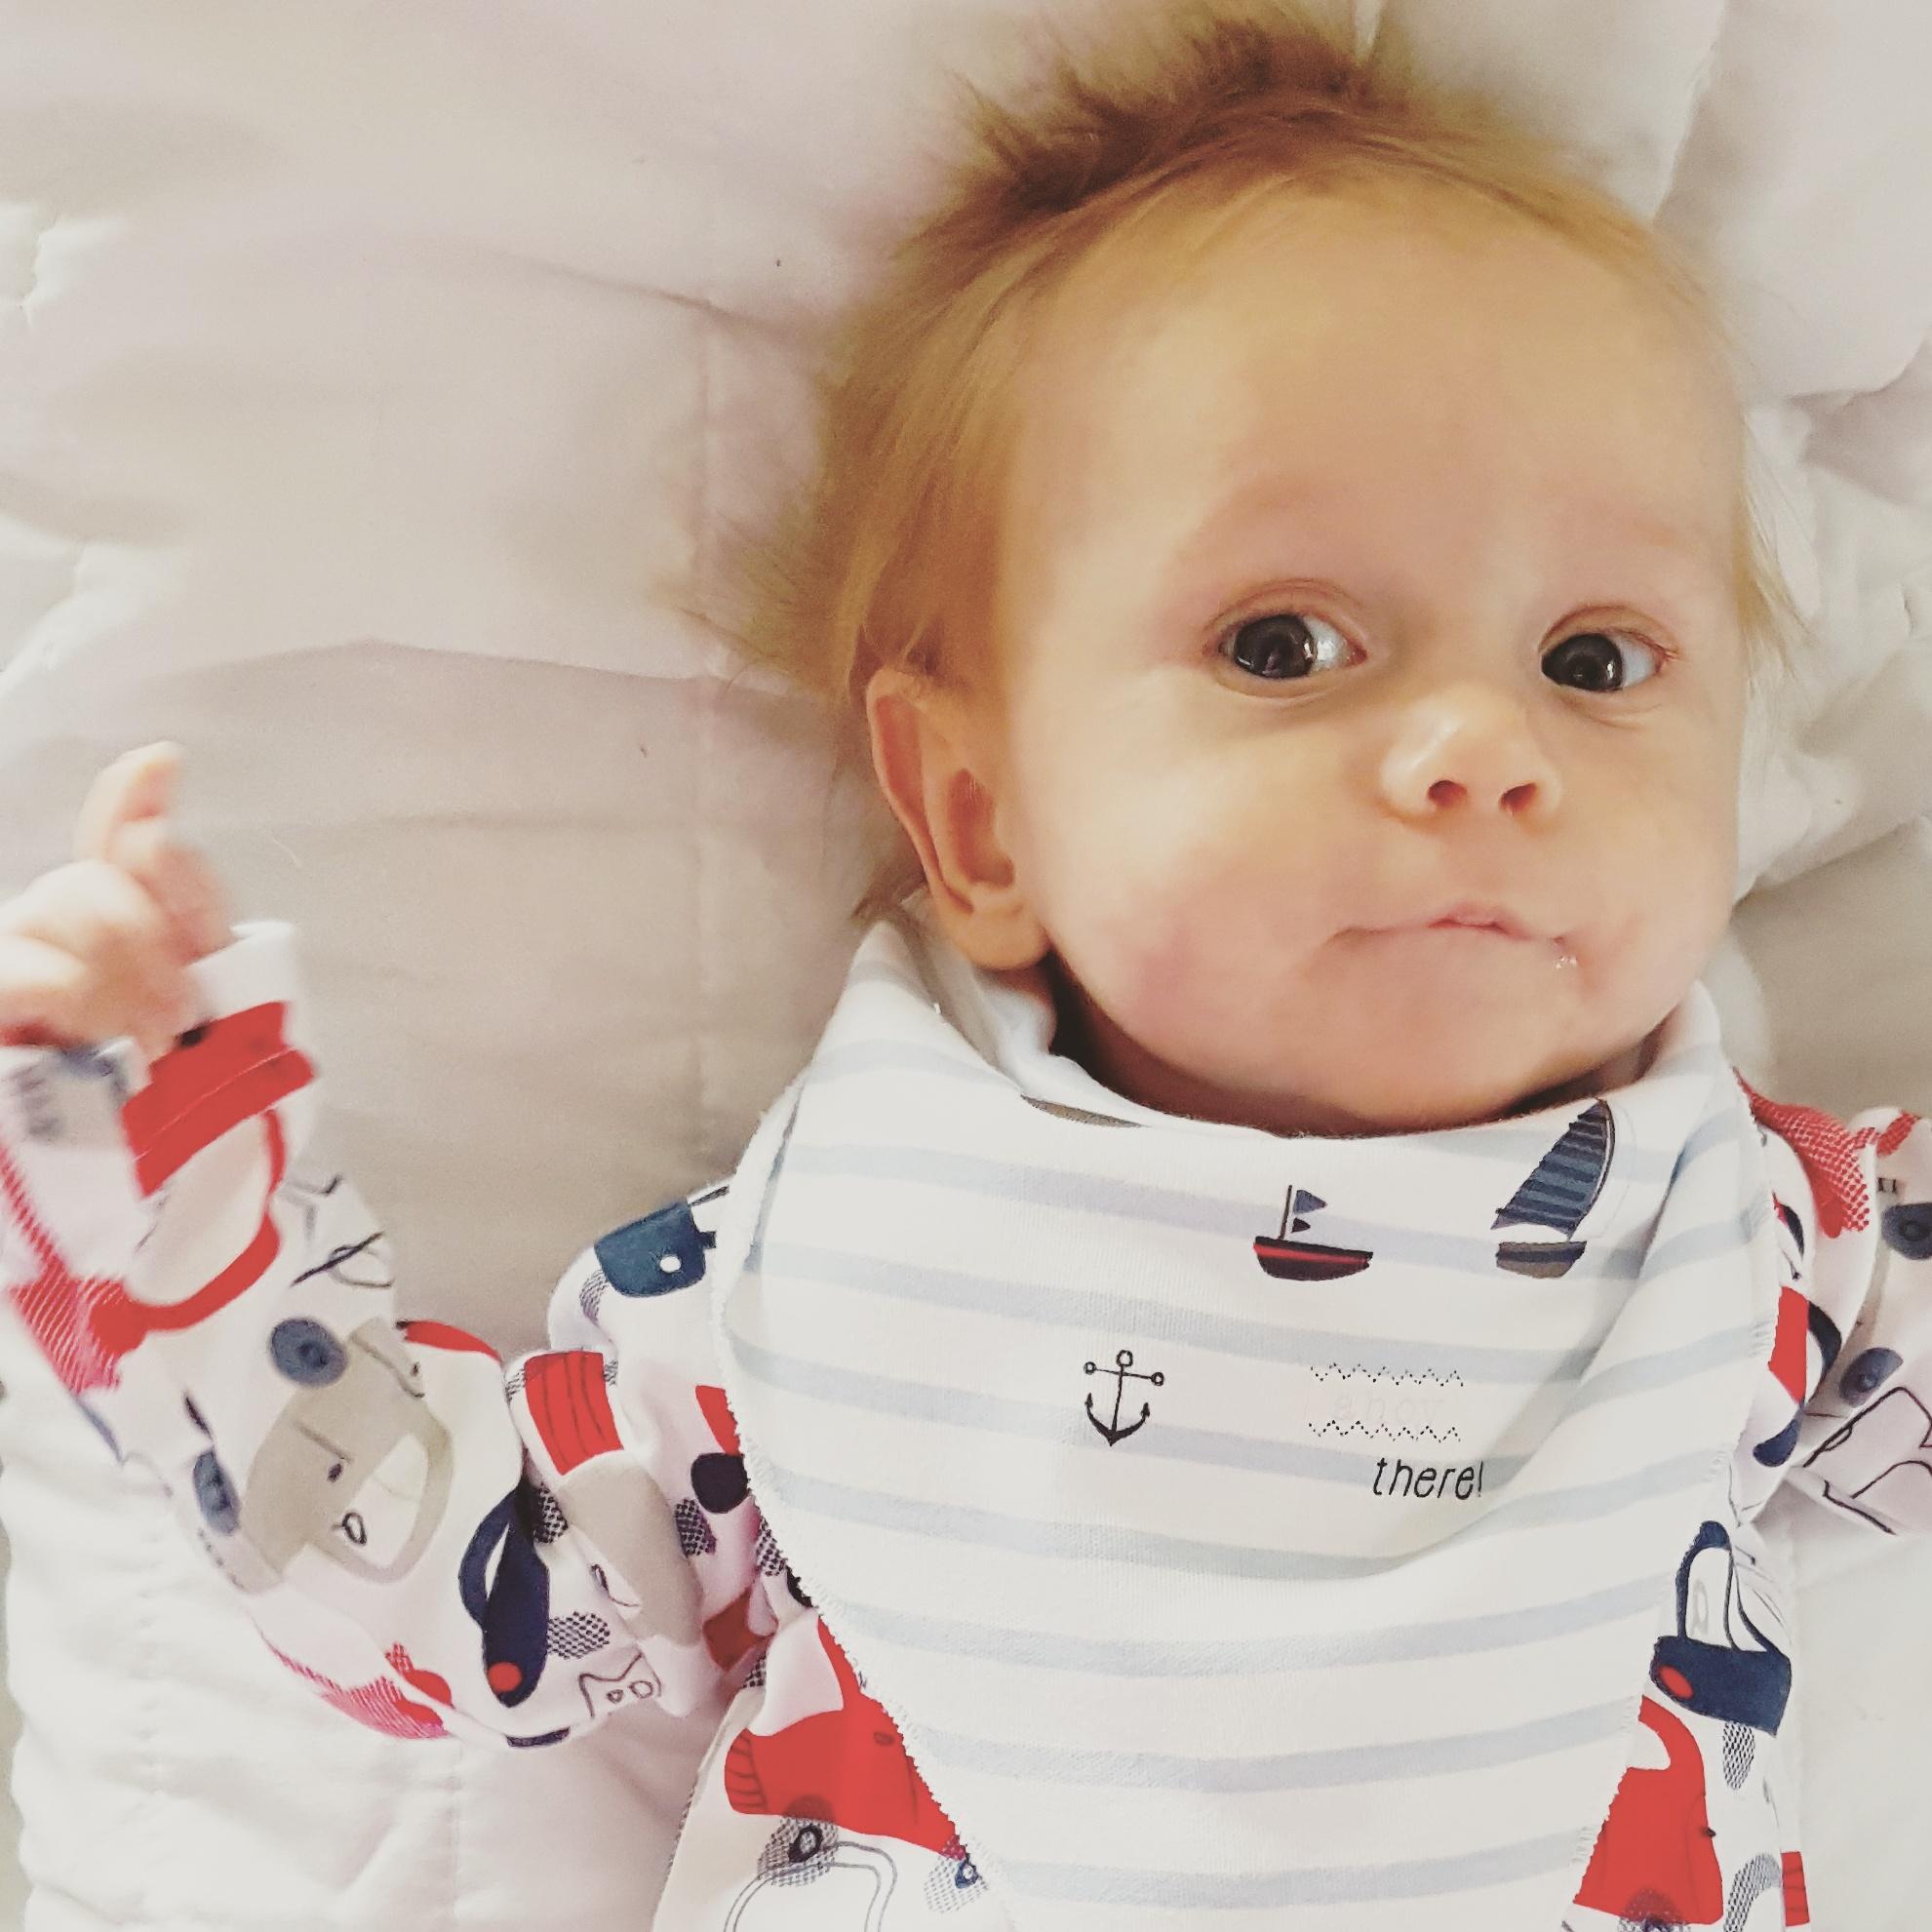 12 weeks old, baby milestones